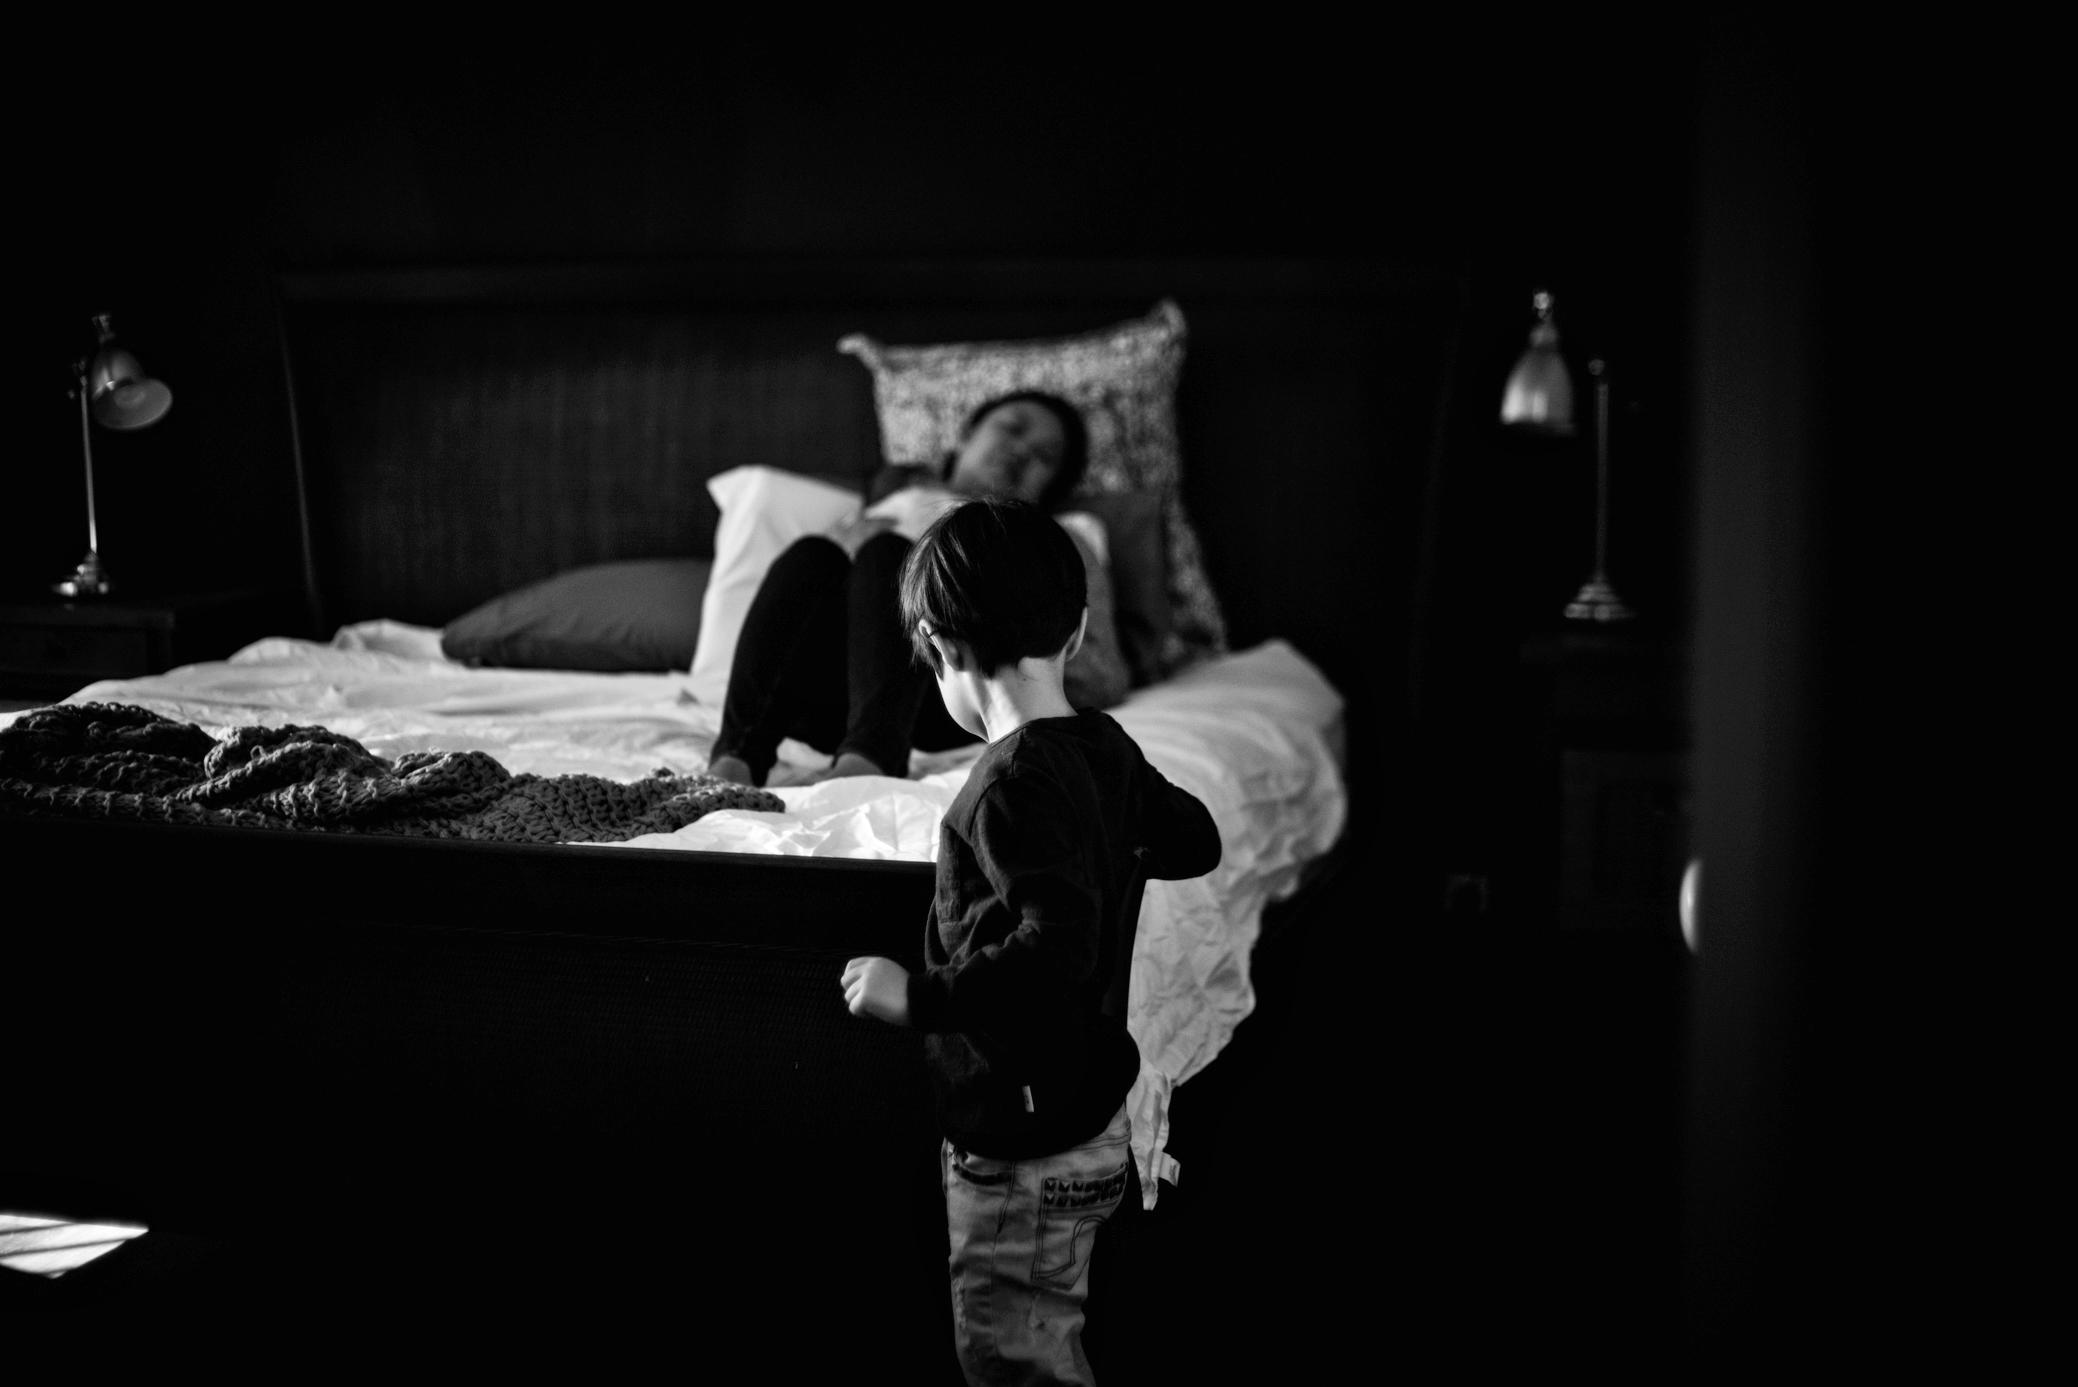 cindycavanagh-maternity-photos-in-sydney (27 of 39).JPG